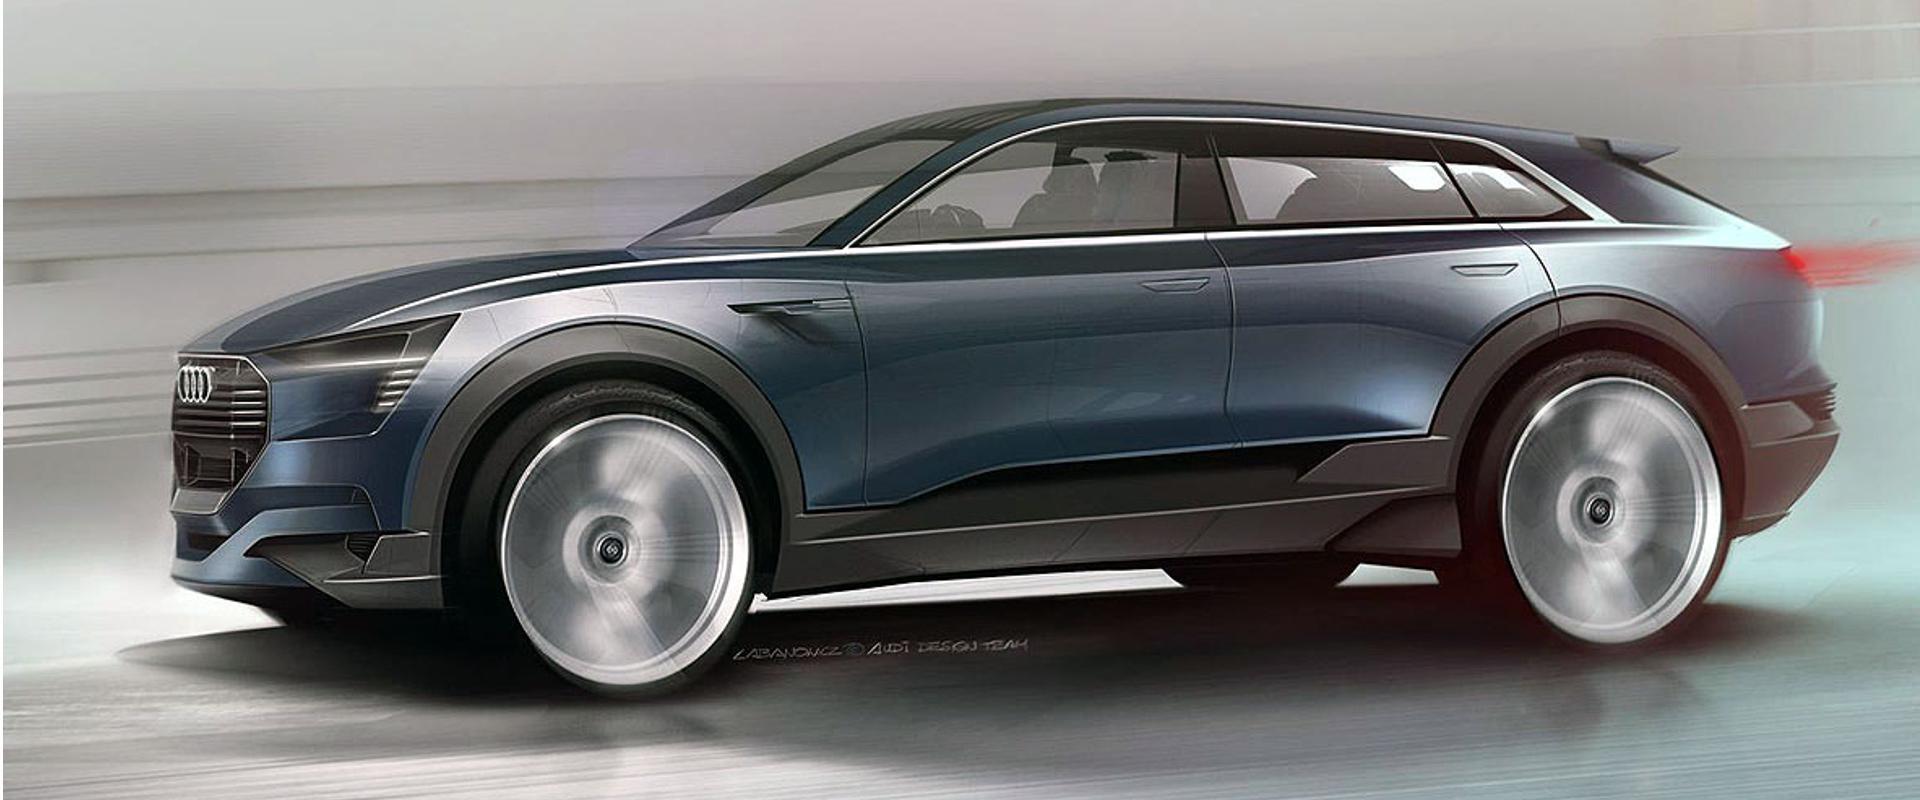 Audi će predstaviti električni crossover na sajmu u Fankfurtu